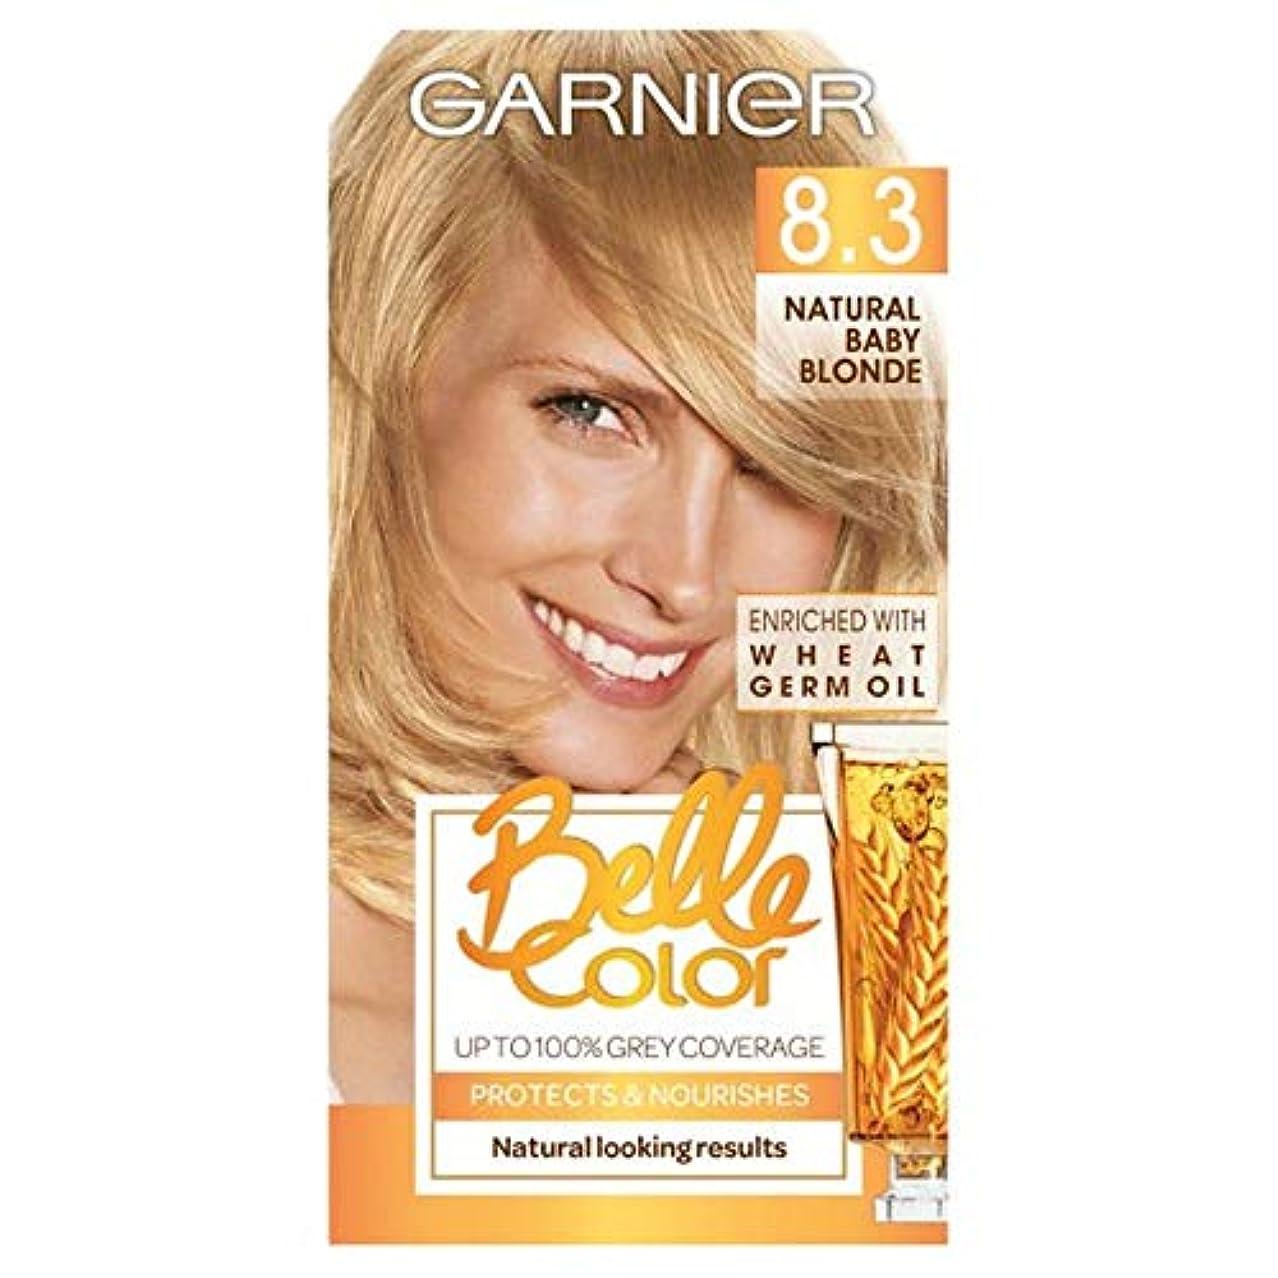 切断する使い込む伸ばす[Belle Color ] ガーン/ベル/Clr 8.3自然な赤ん坊ブロンドの永久染毛剤 - Garn/Bel/Clr 8.3 Natural Baby Blonde Permanent Hair Dye [並行輸入品]